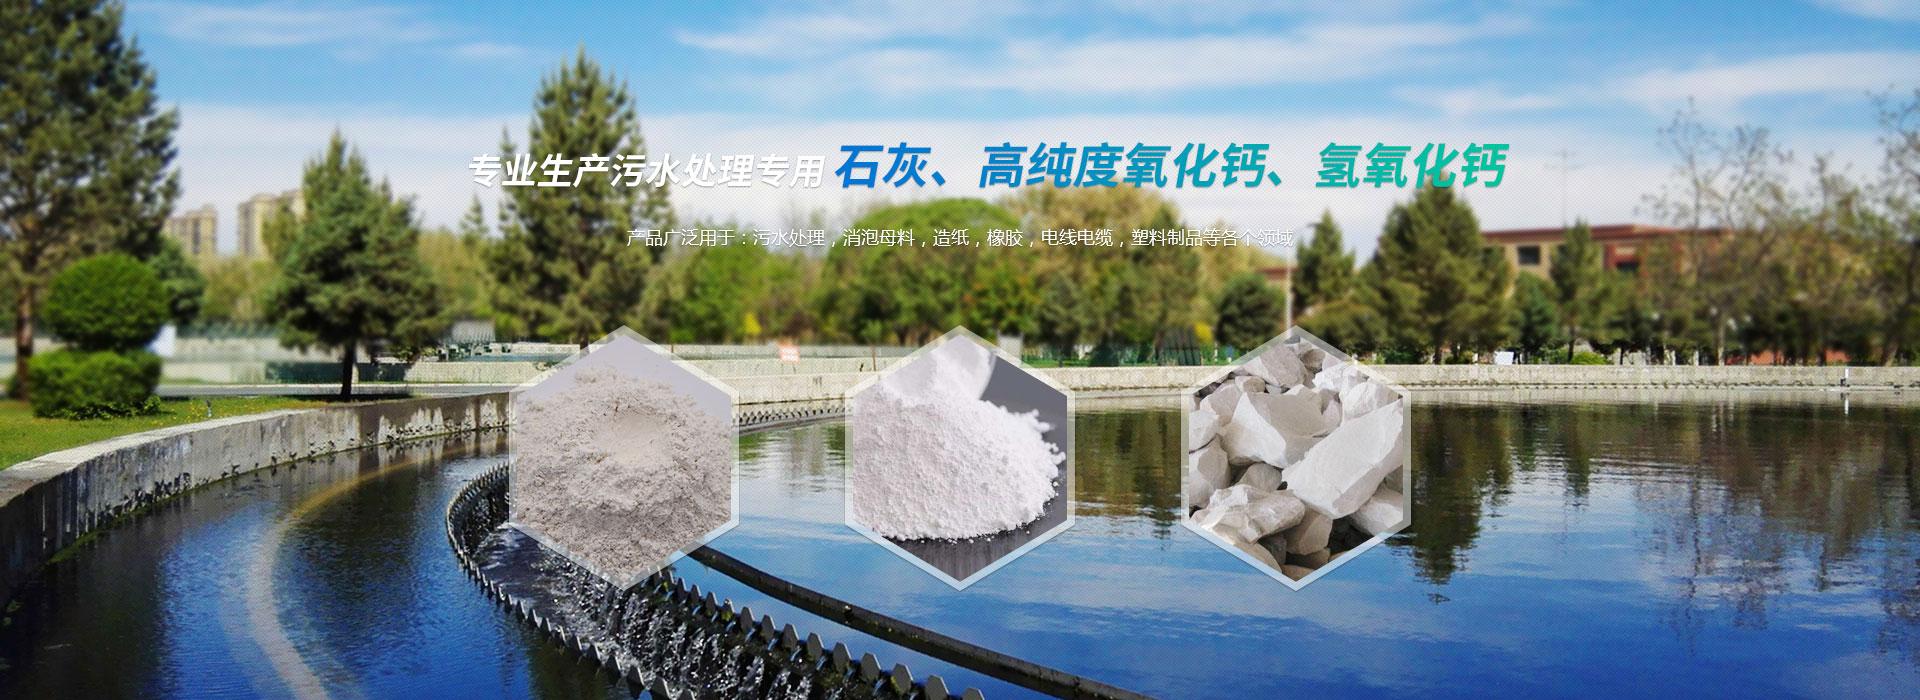 專業生產污水處理專用石灰、高純度氧化鈣、氫氧化鈣